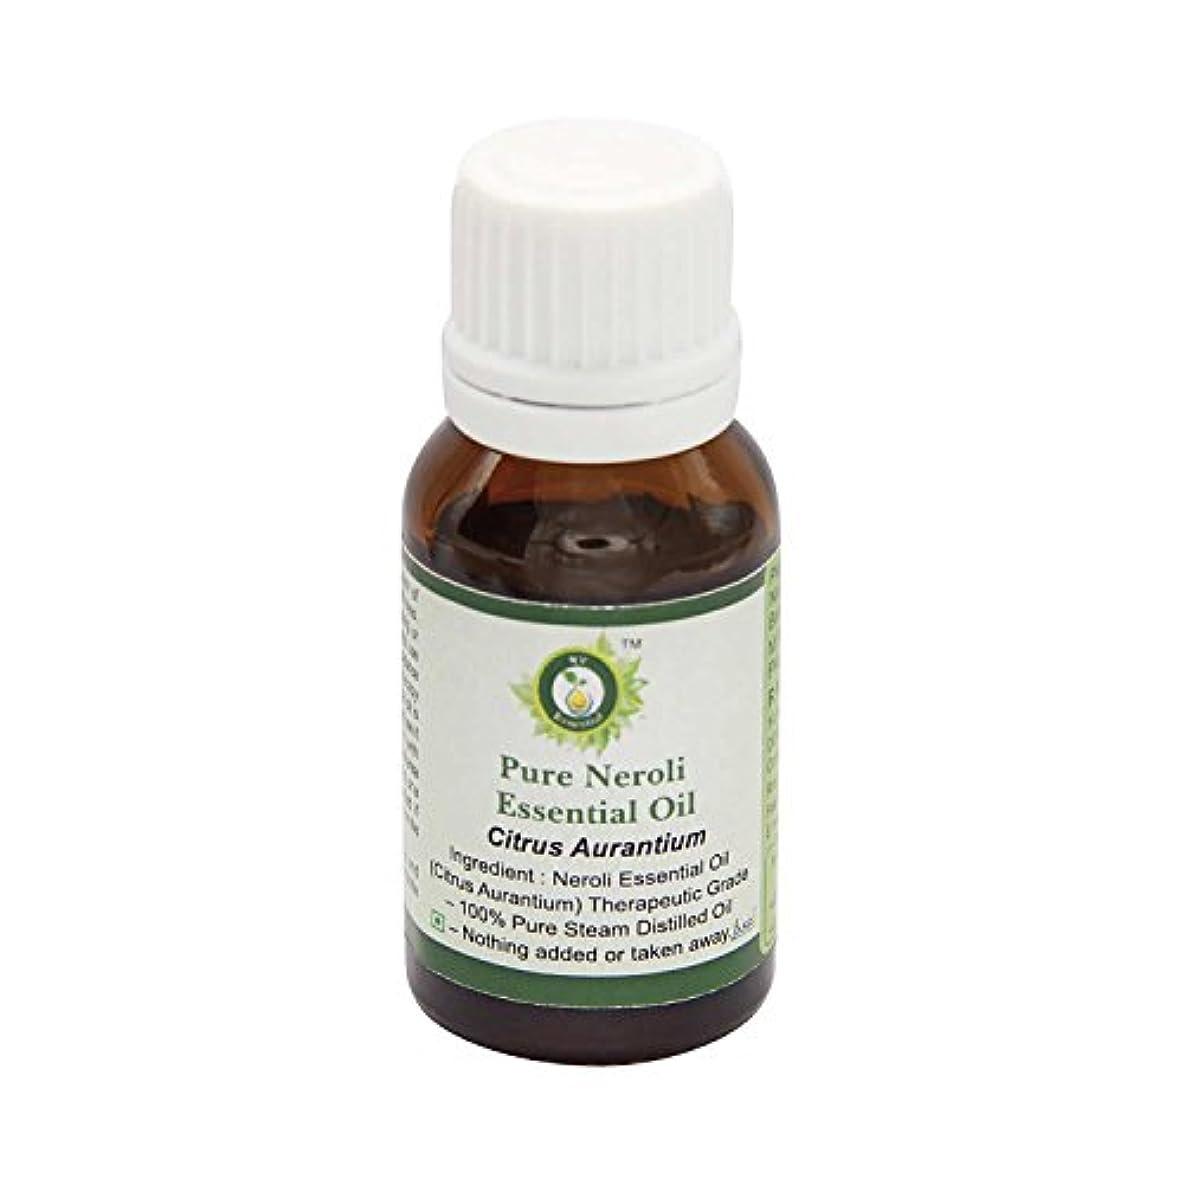 行き当たりばったり長くする論理的にR V Essential ピュアネロリエッセンシャルオイル10ml (0.338oz)- Citrus Aurantium (100%純粋&天然スチームDistilled) Pure Neroli Essential Oil